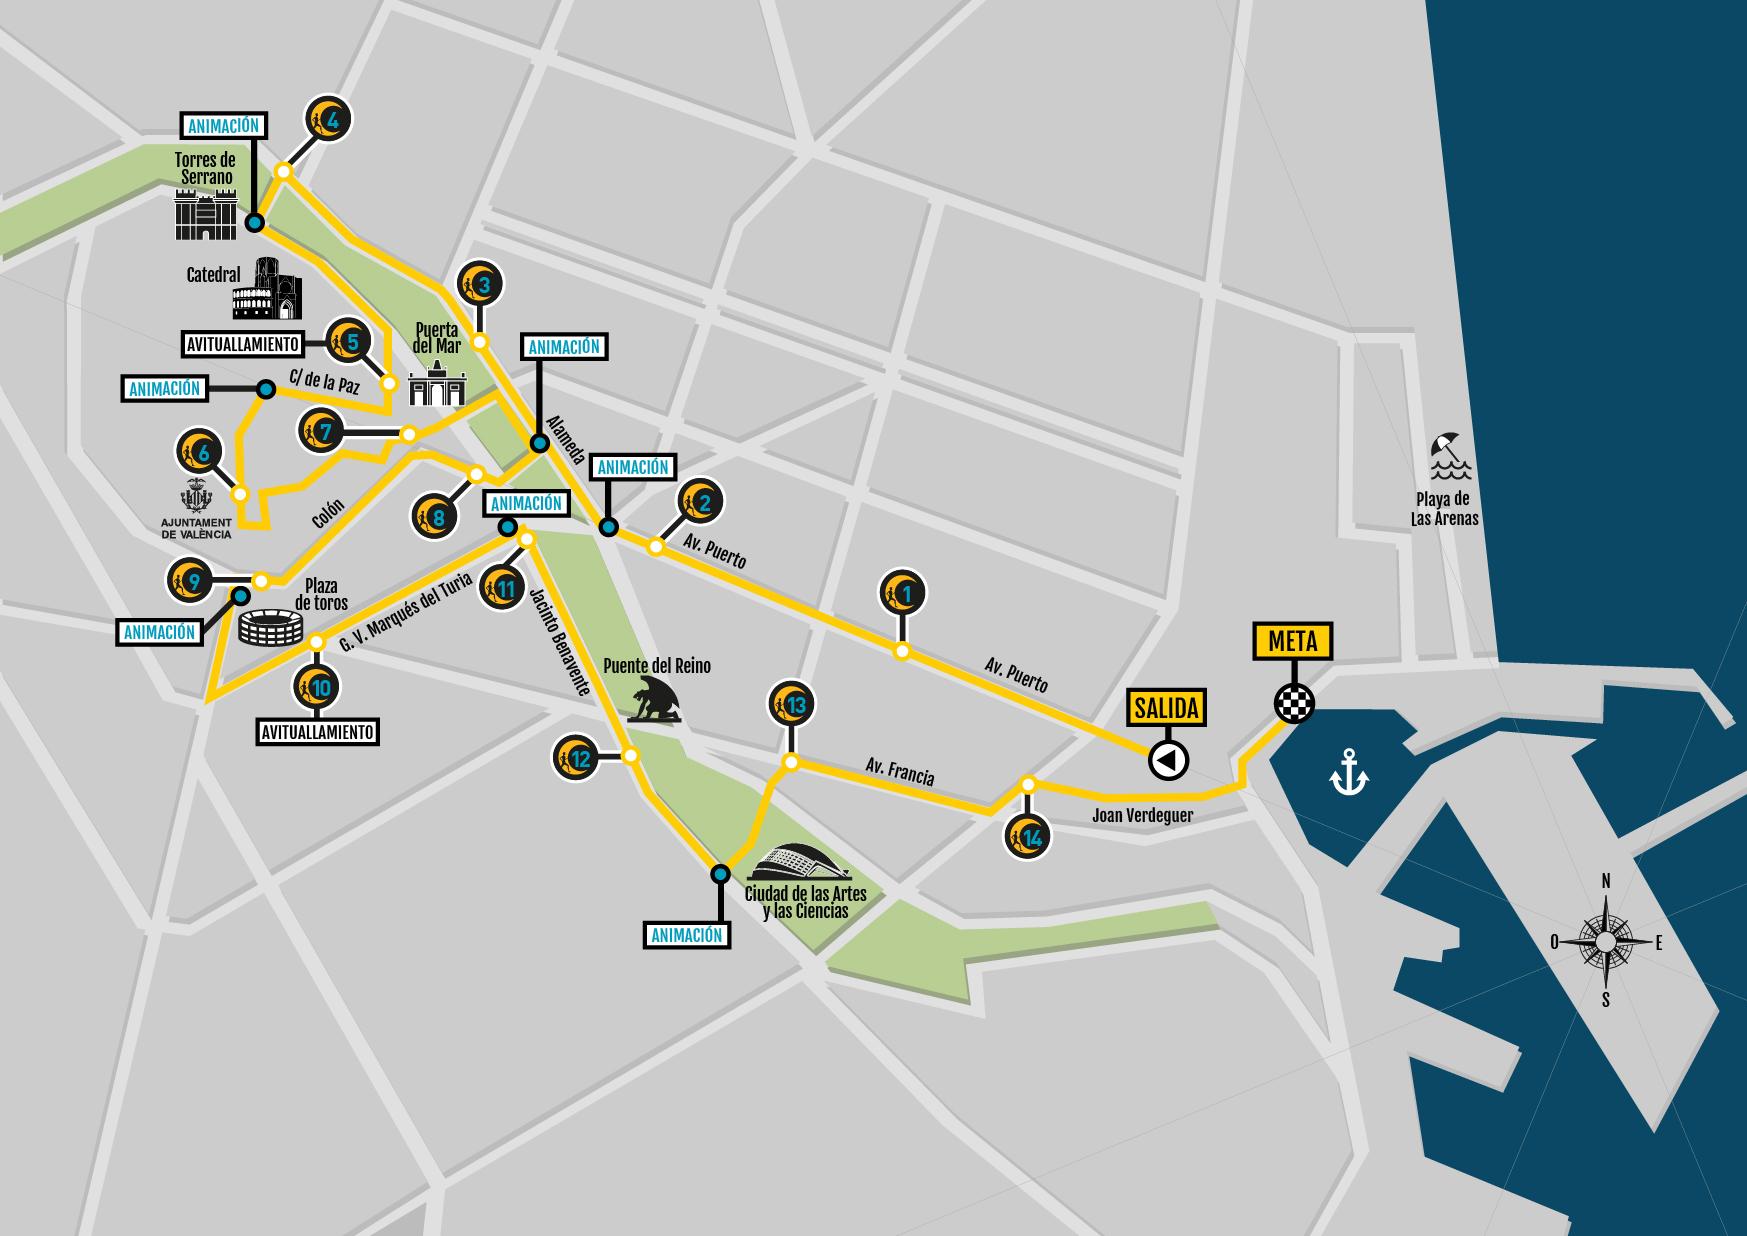 Circuito Urbano De Valencia : Un circuito urbano y nocturno guiado por la luna de valencia